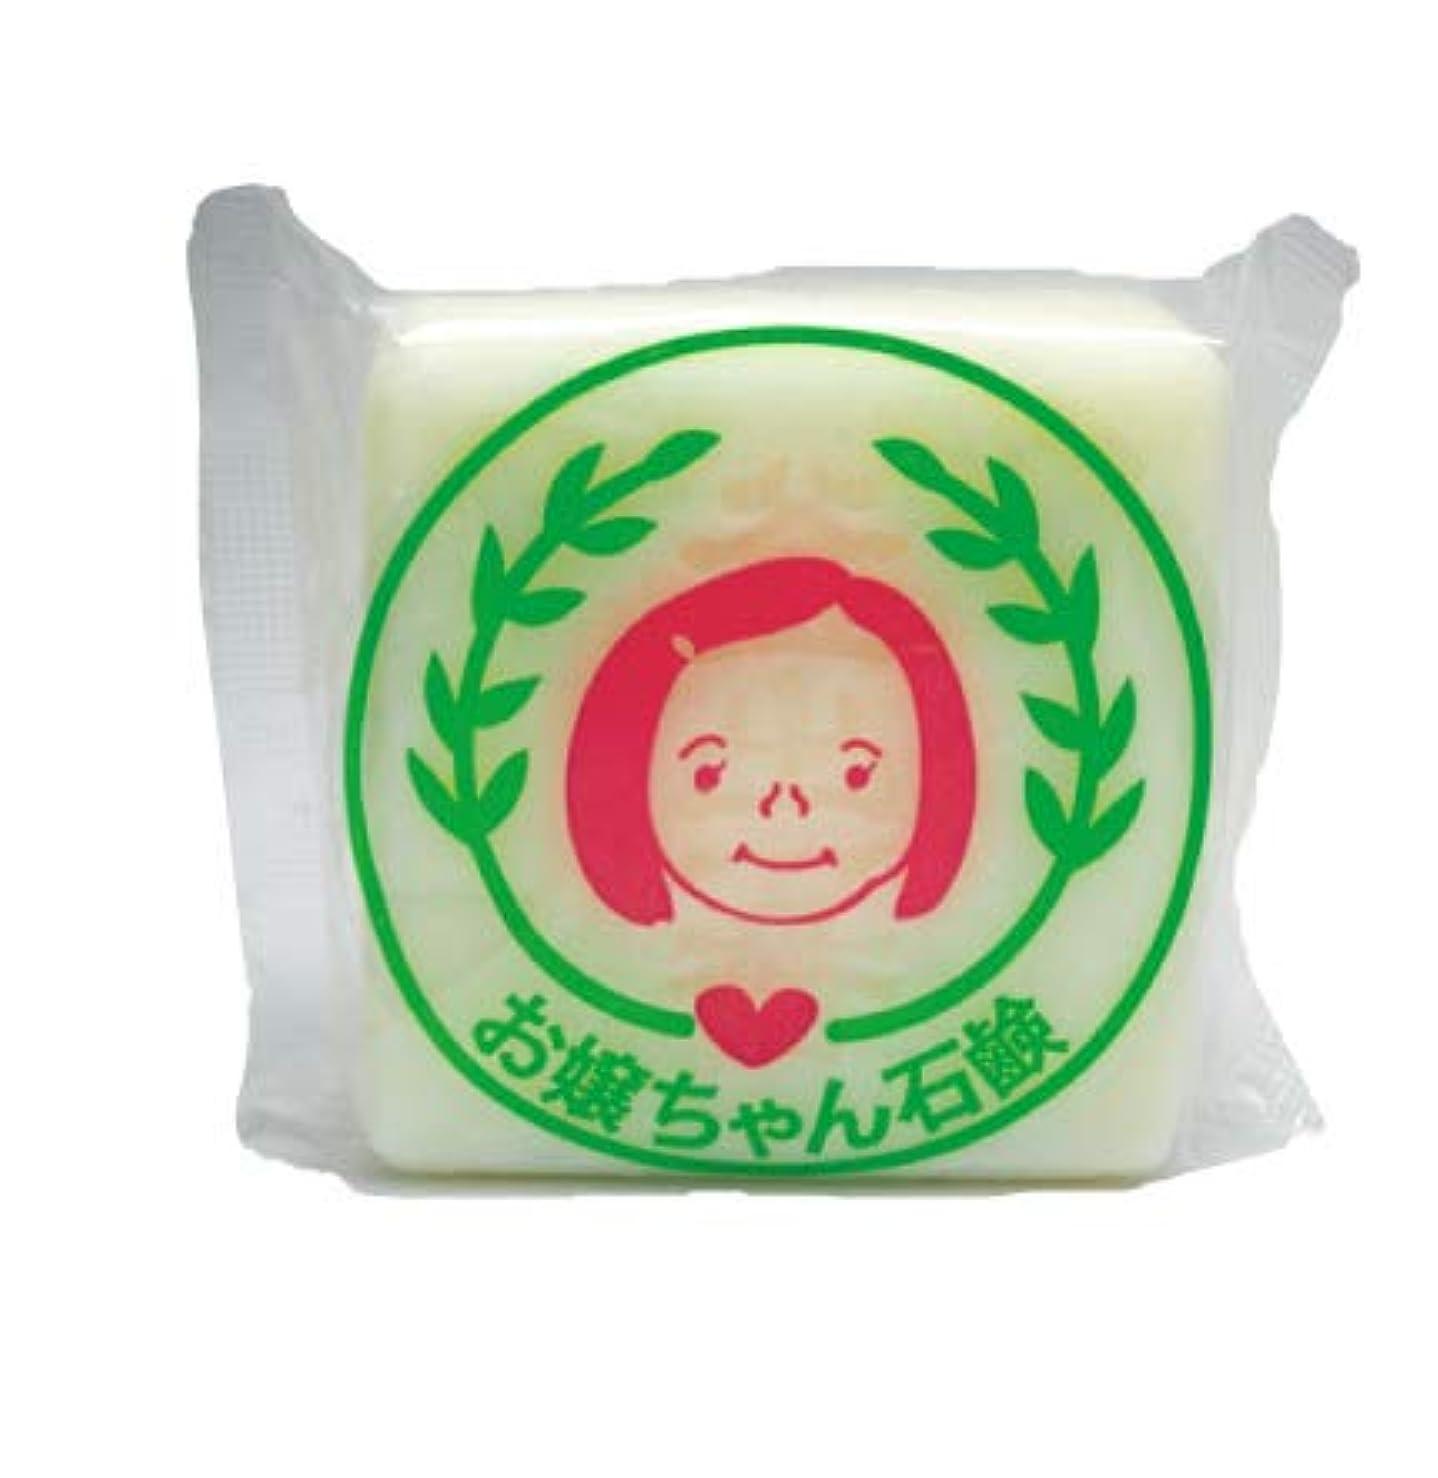 環境に優しい忠実にとげ新しいお嬢ちゃん石鹸(100g)